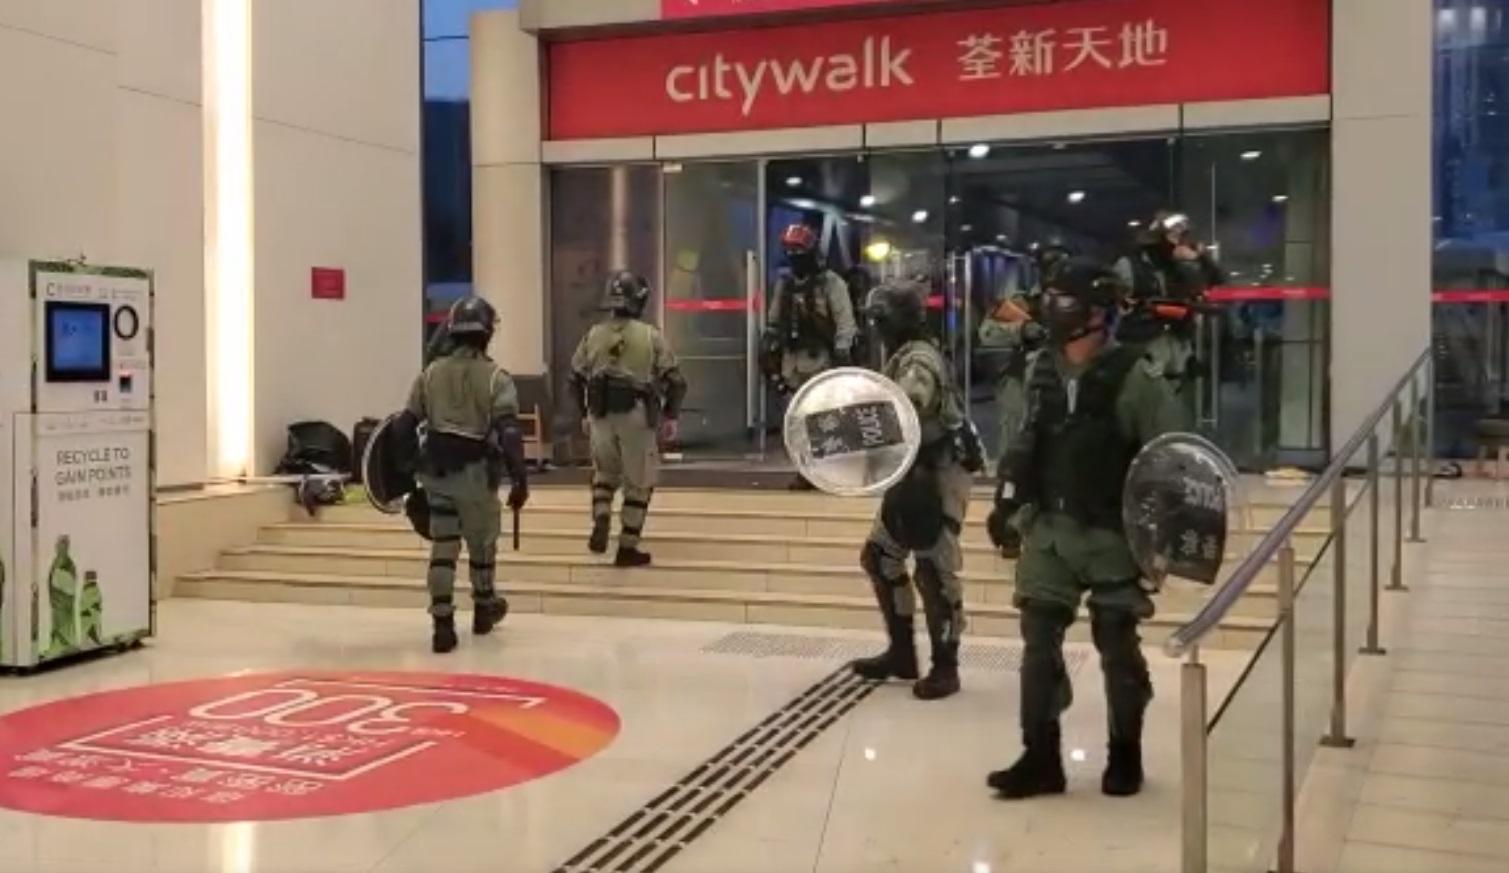 防暴警察於荃新天地內制服並拘捕一名男子。 資料圖片